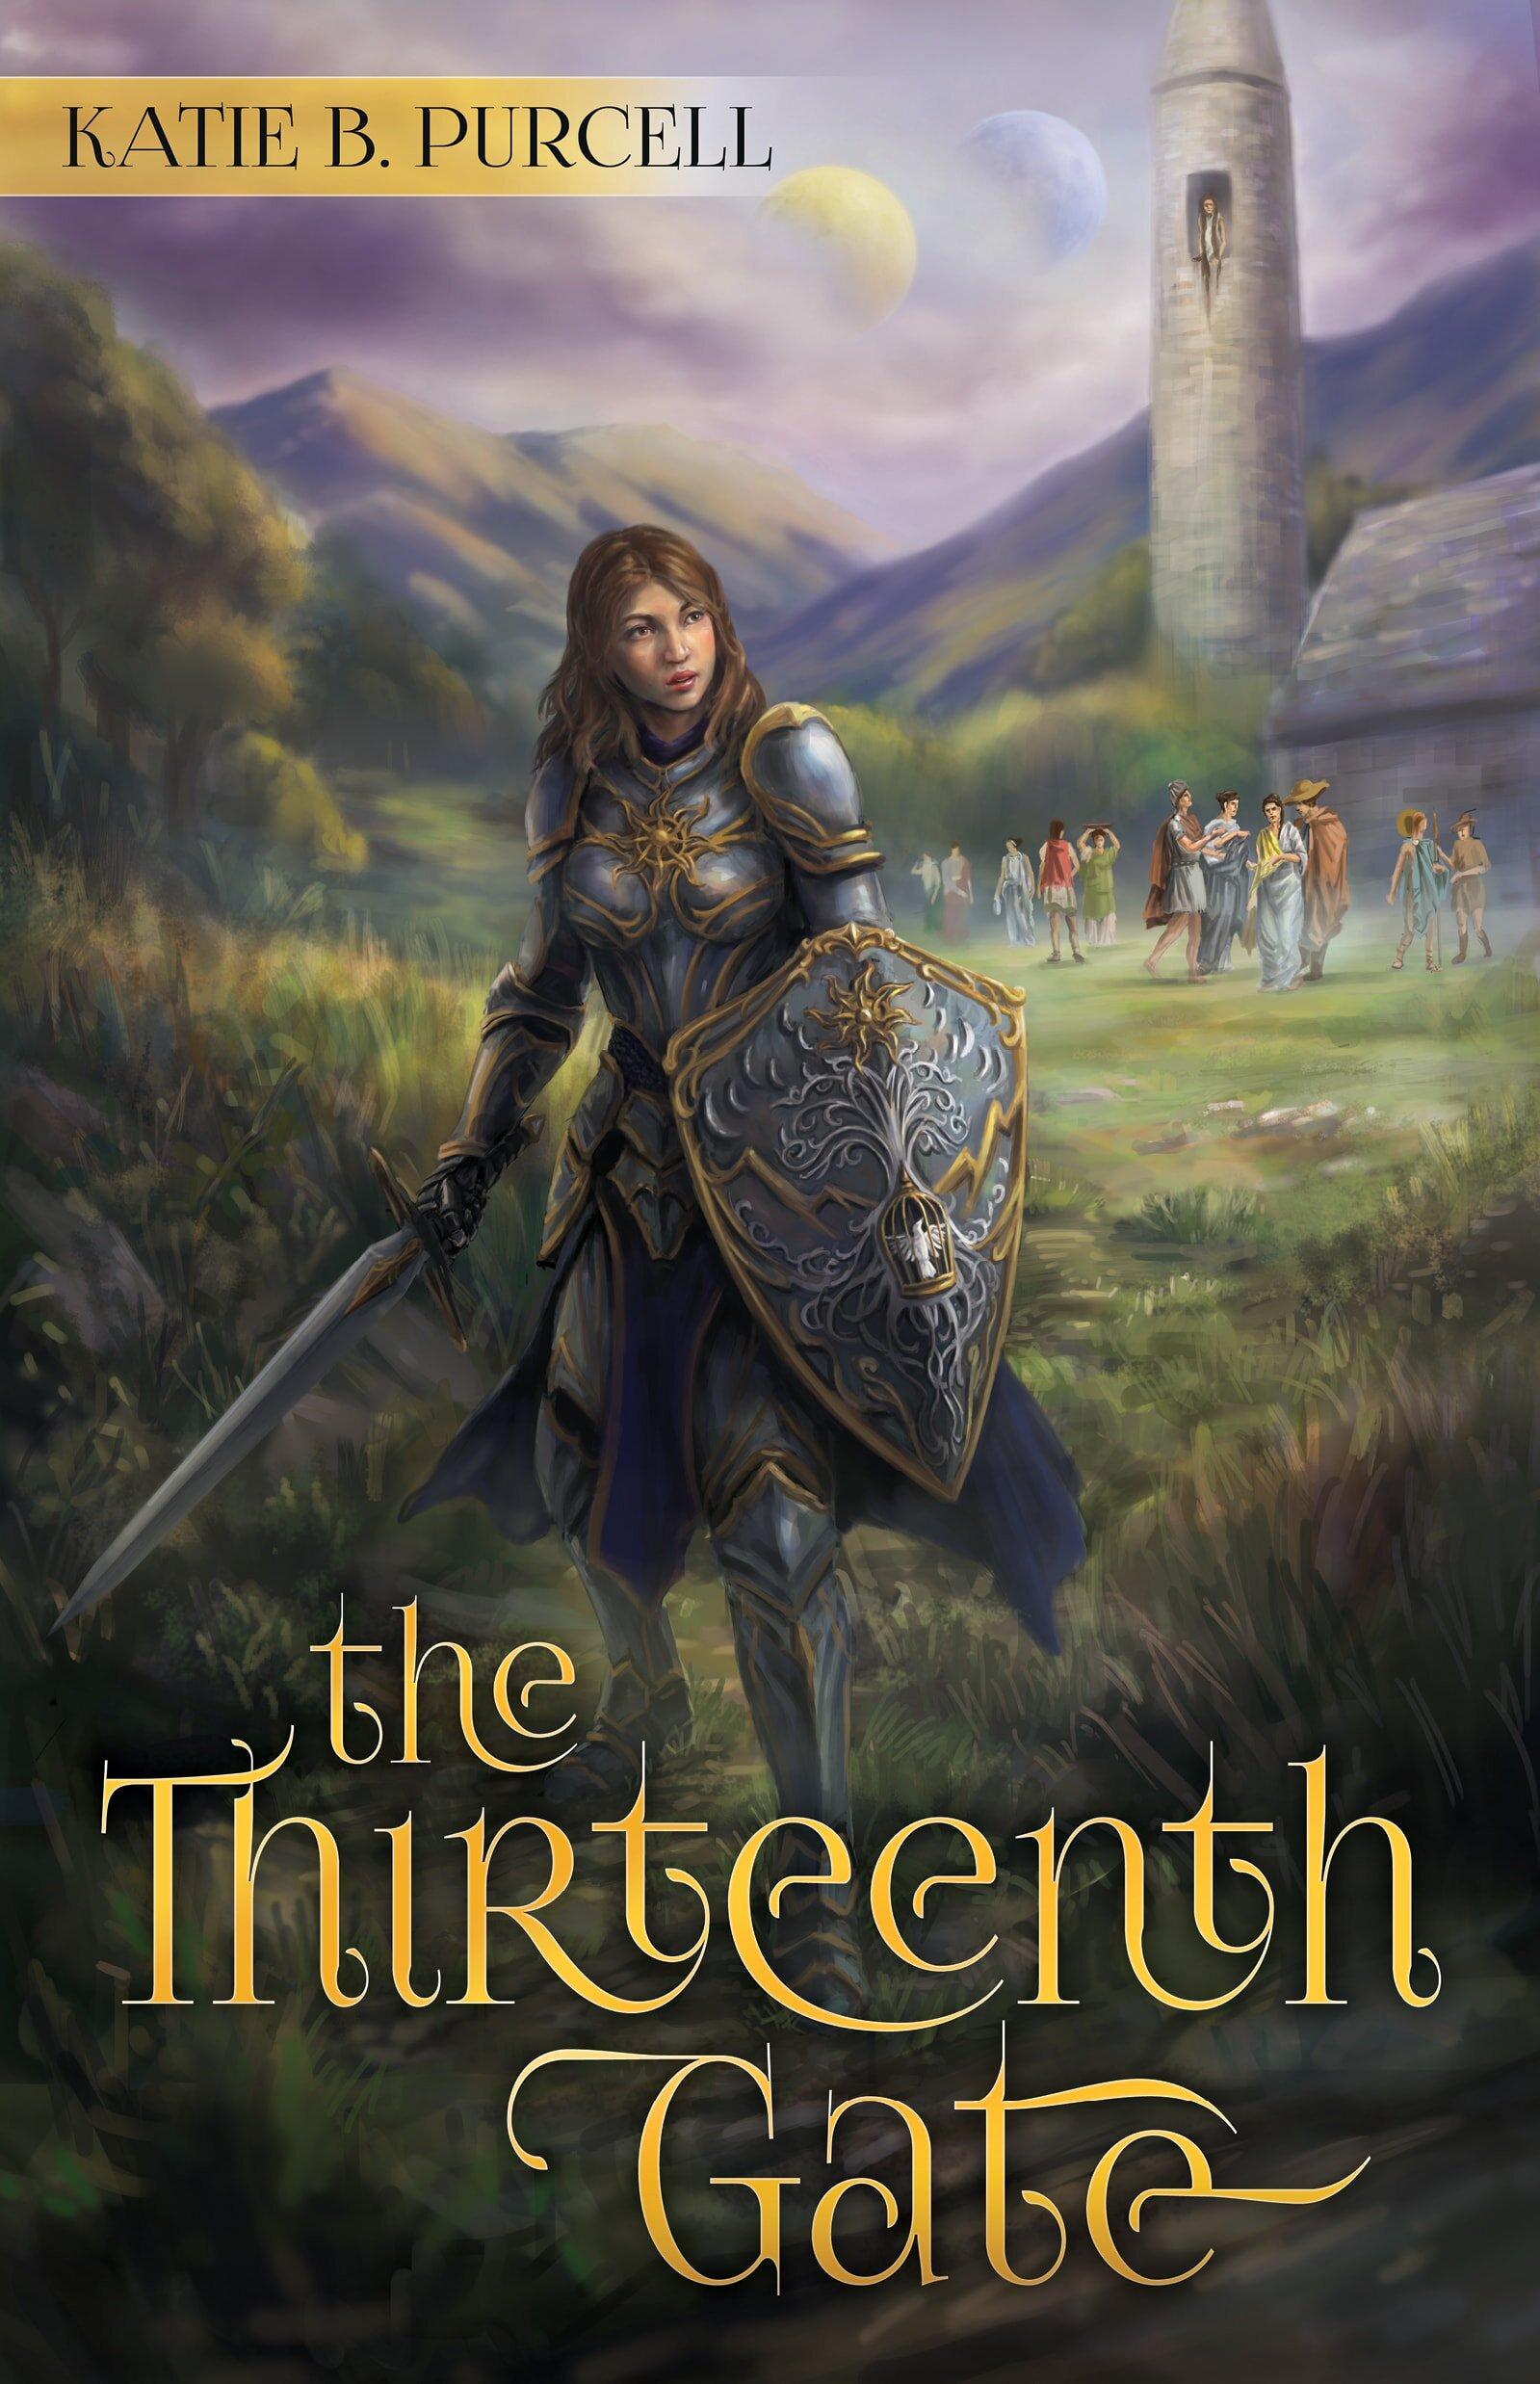 The Thirteen Gate - Ebook-min.jpg